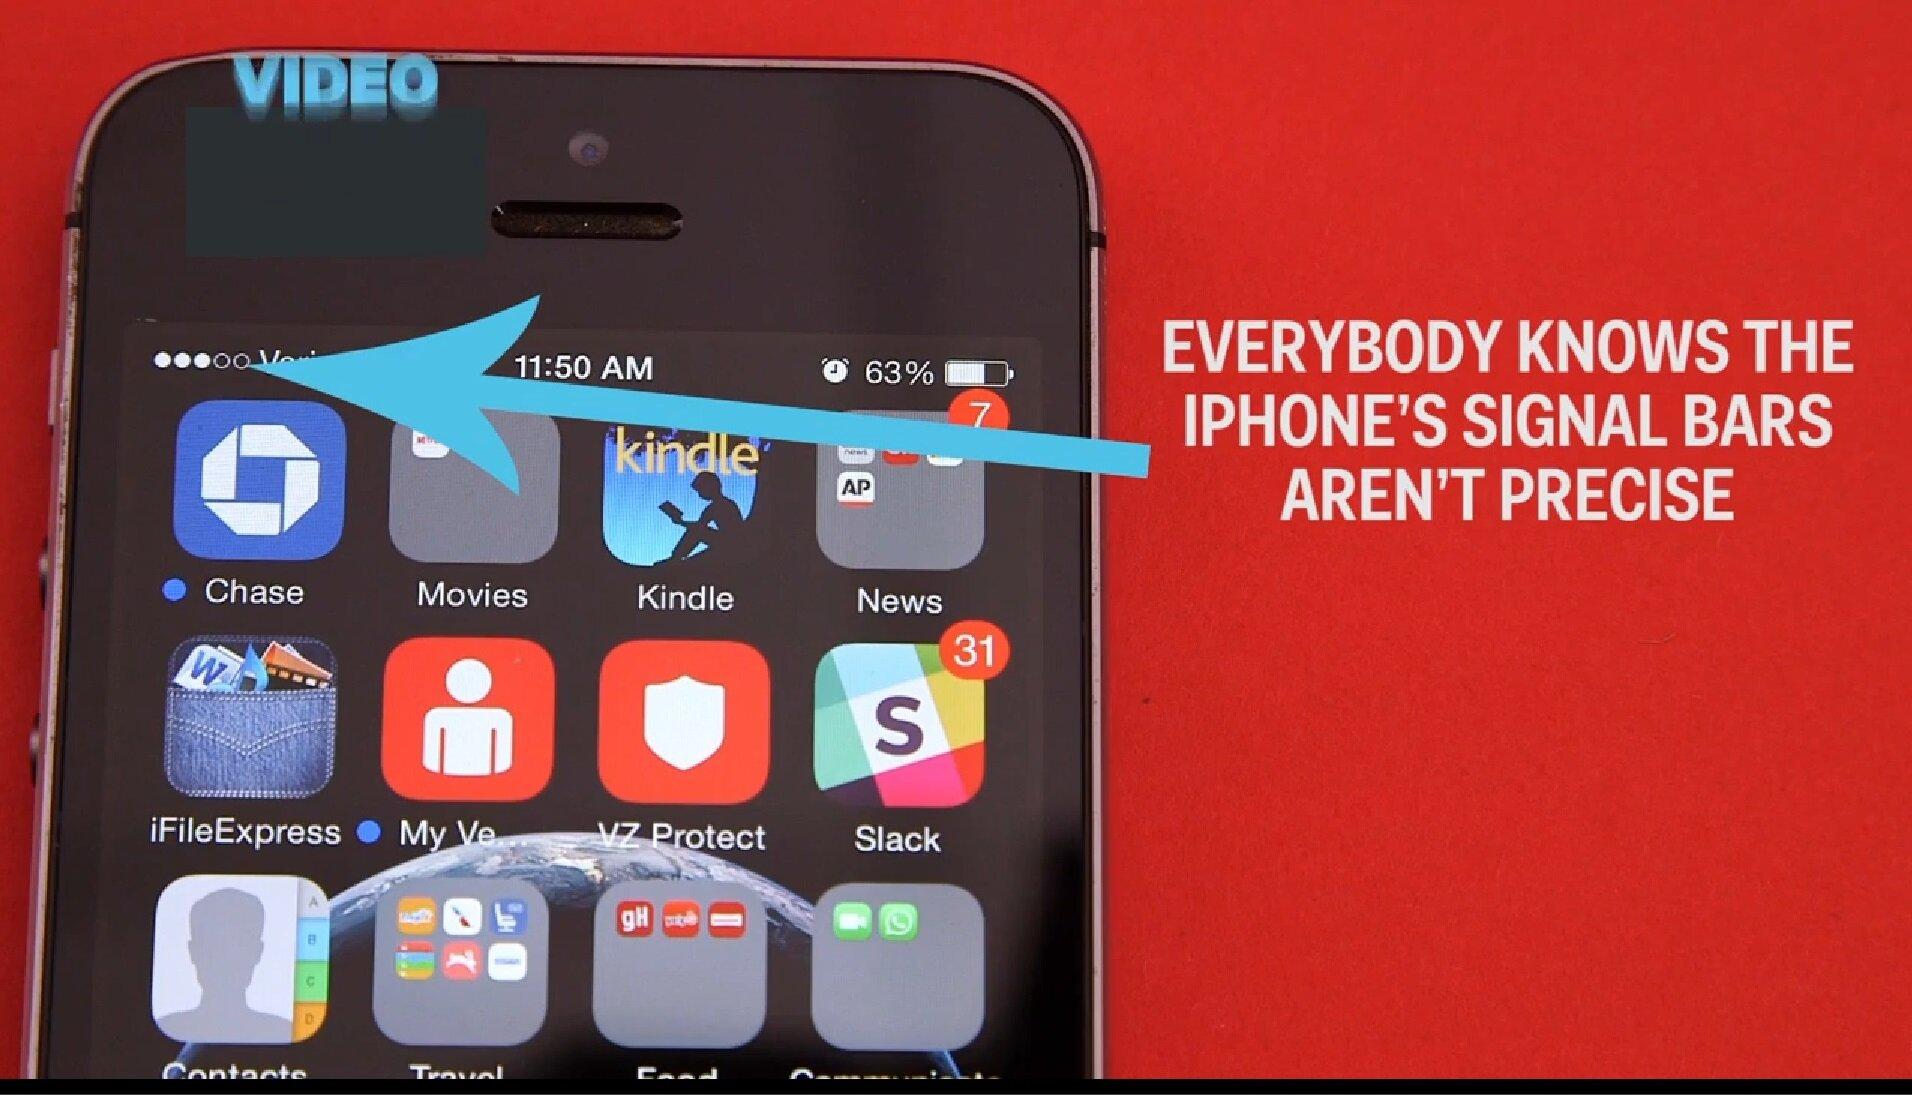 Thủ thuật giúp bạn theo dõi sóng điện thoại iPhone một cách dễ dàng